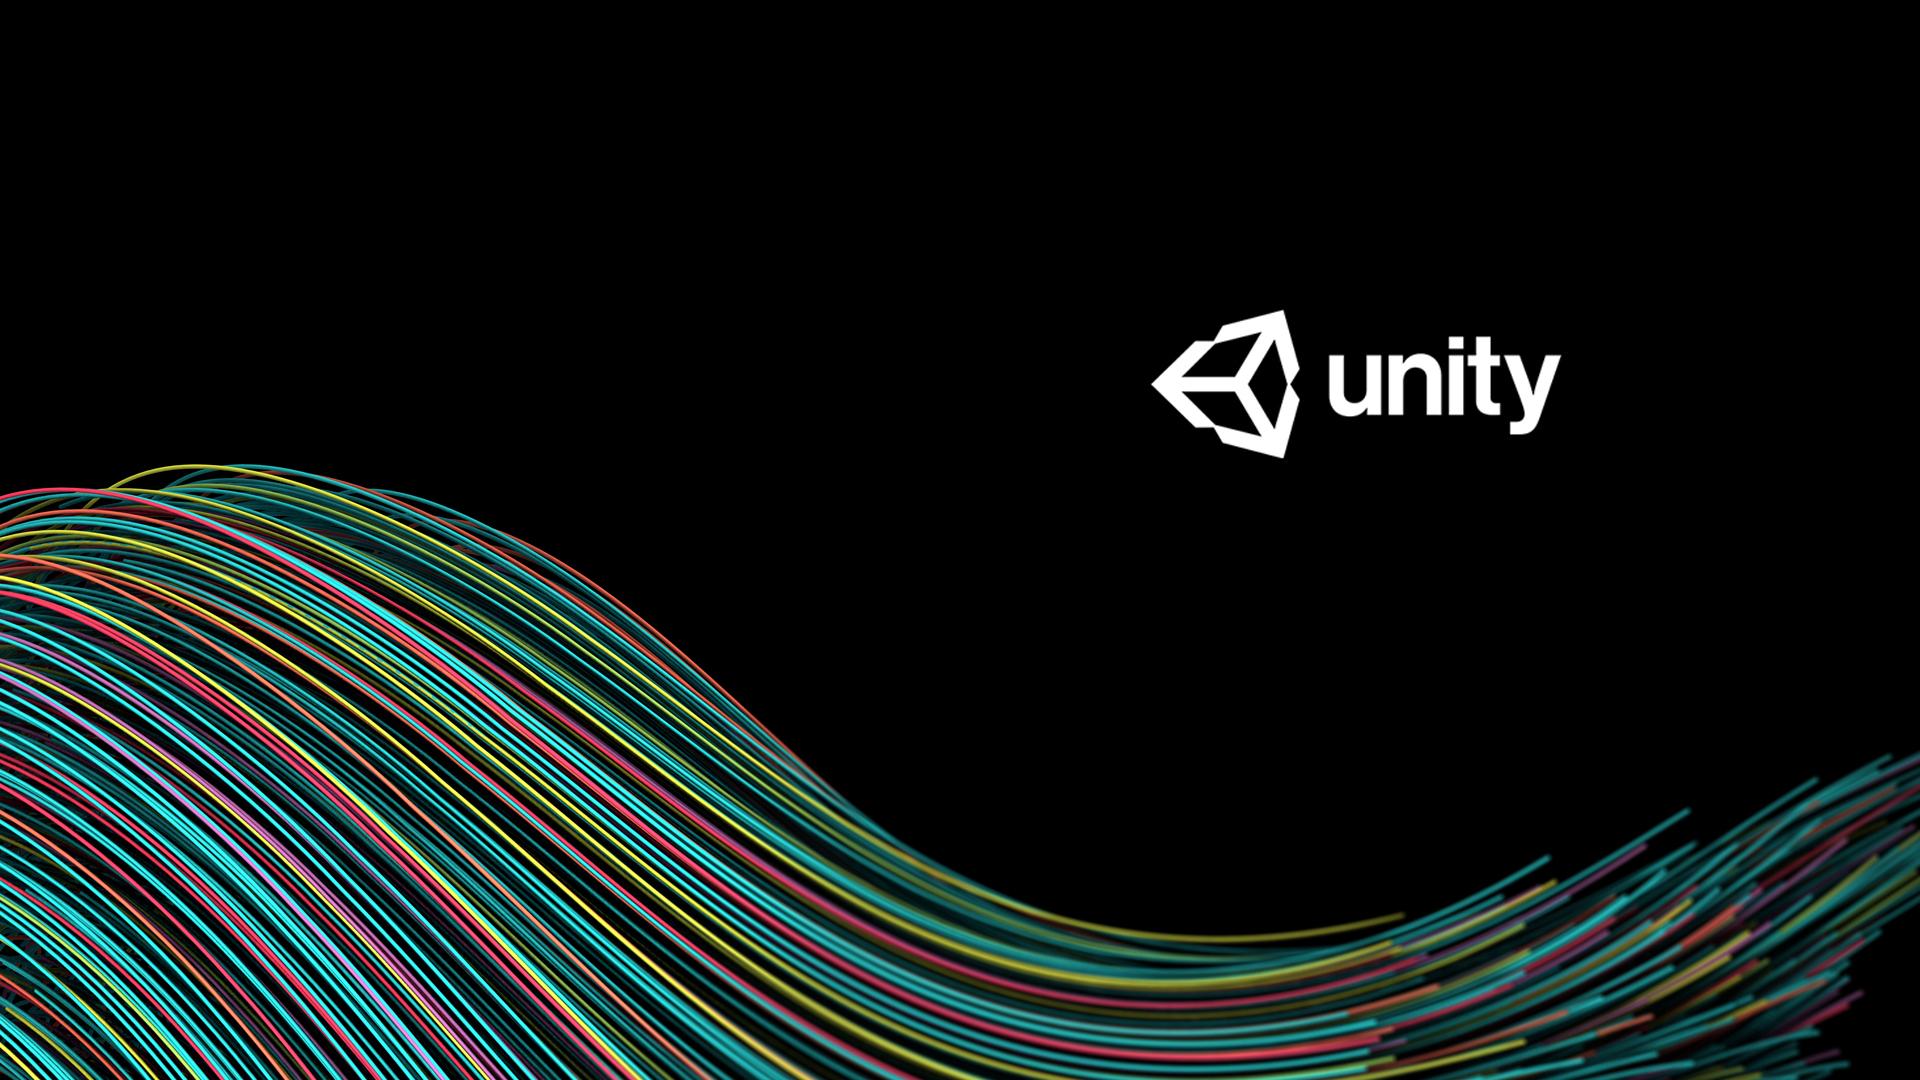 如何在Unity里制作哆啦a梦任意门效果